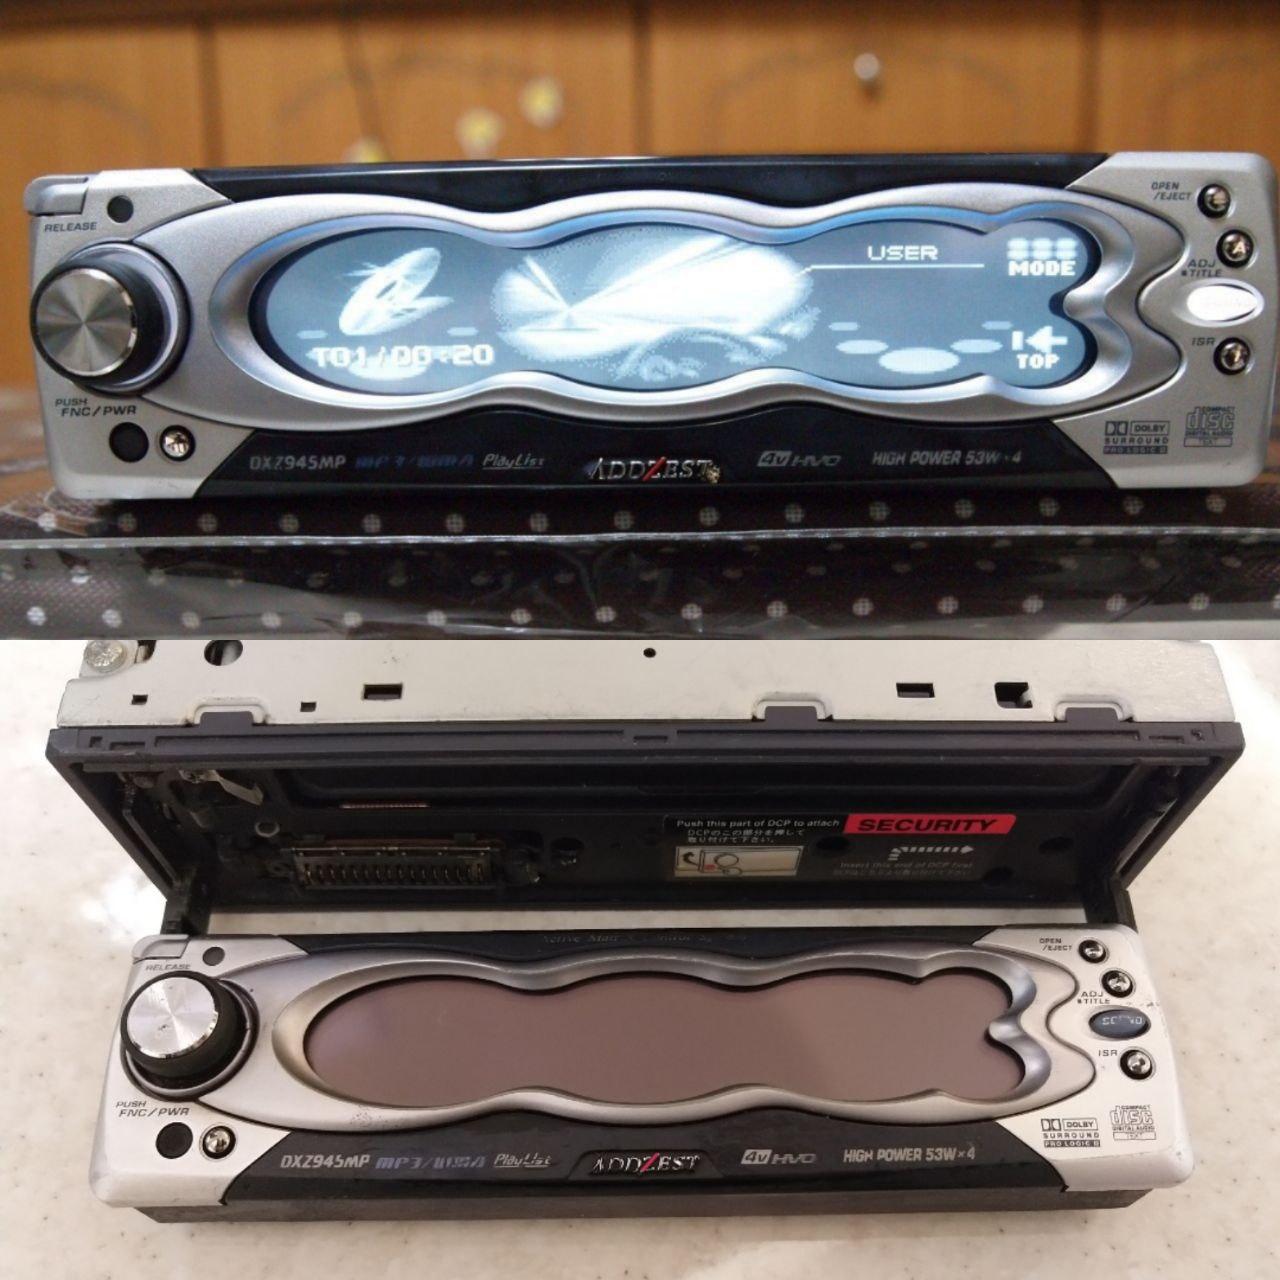 تعمیرات انواع رادیو پخش مولتی مدیا مانیتور وساعت